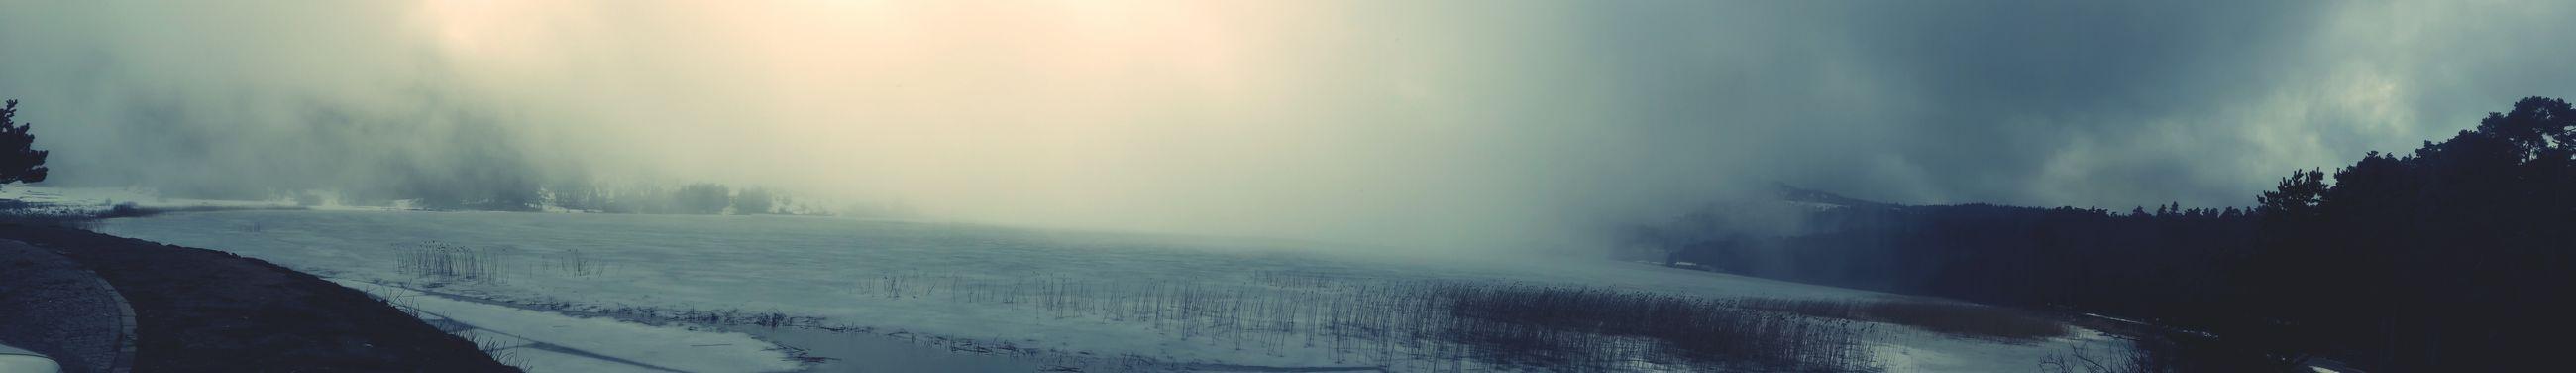 Abantgölü